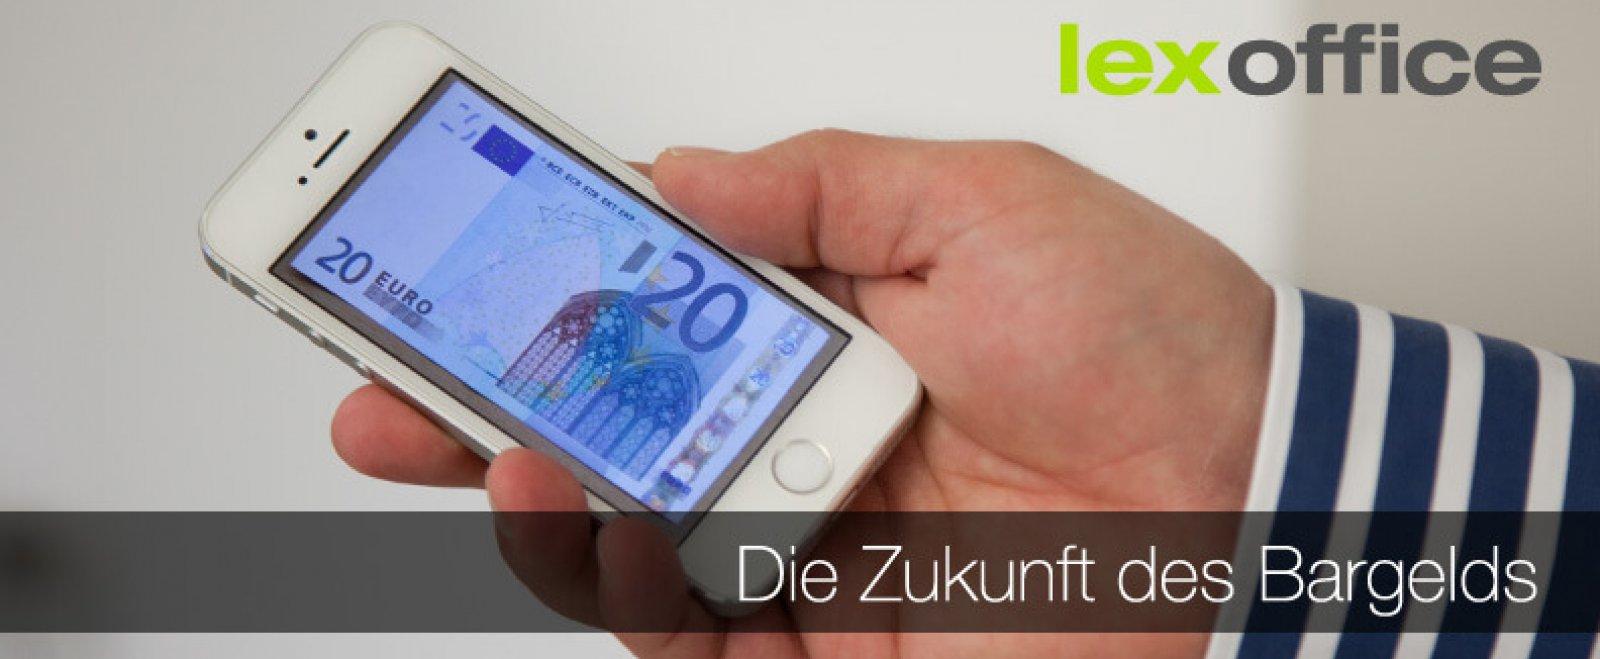 Die Zukunft des Bargelds